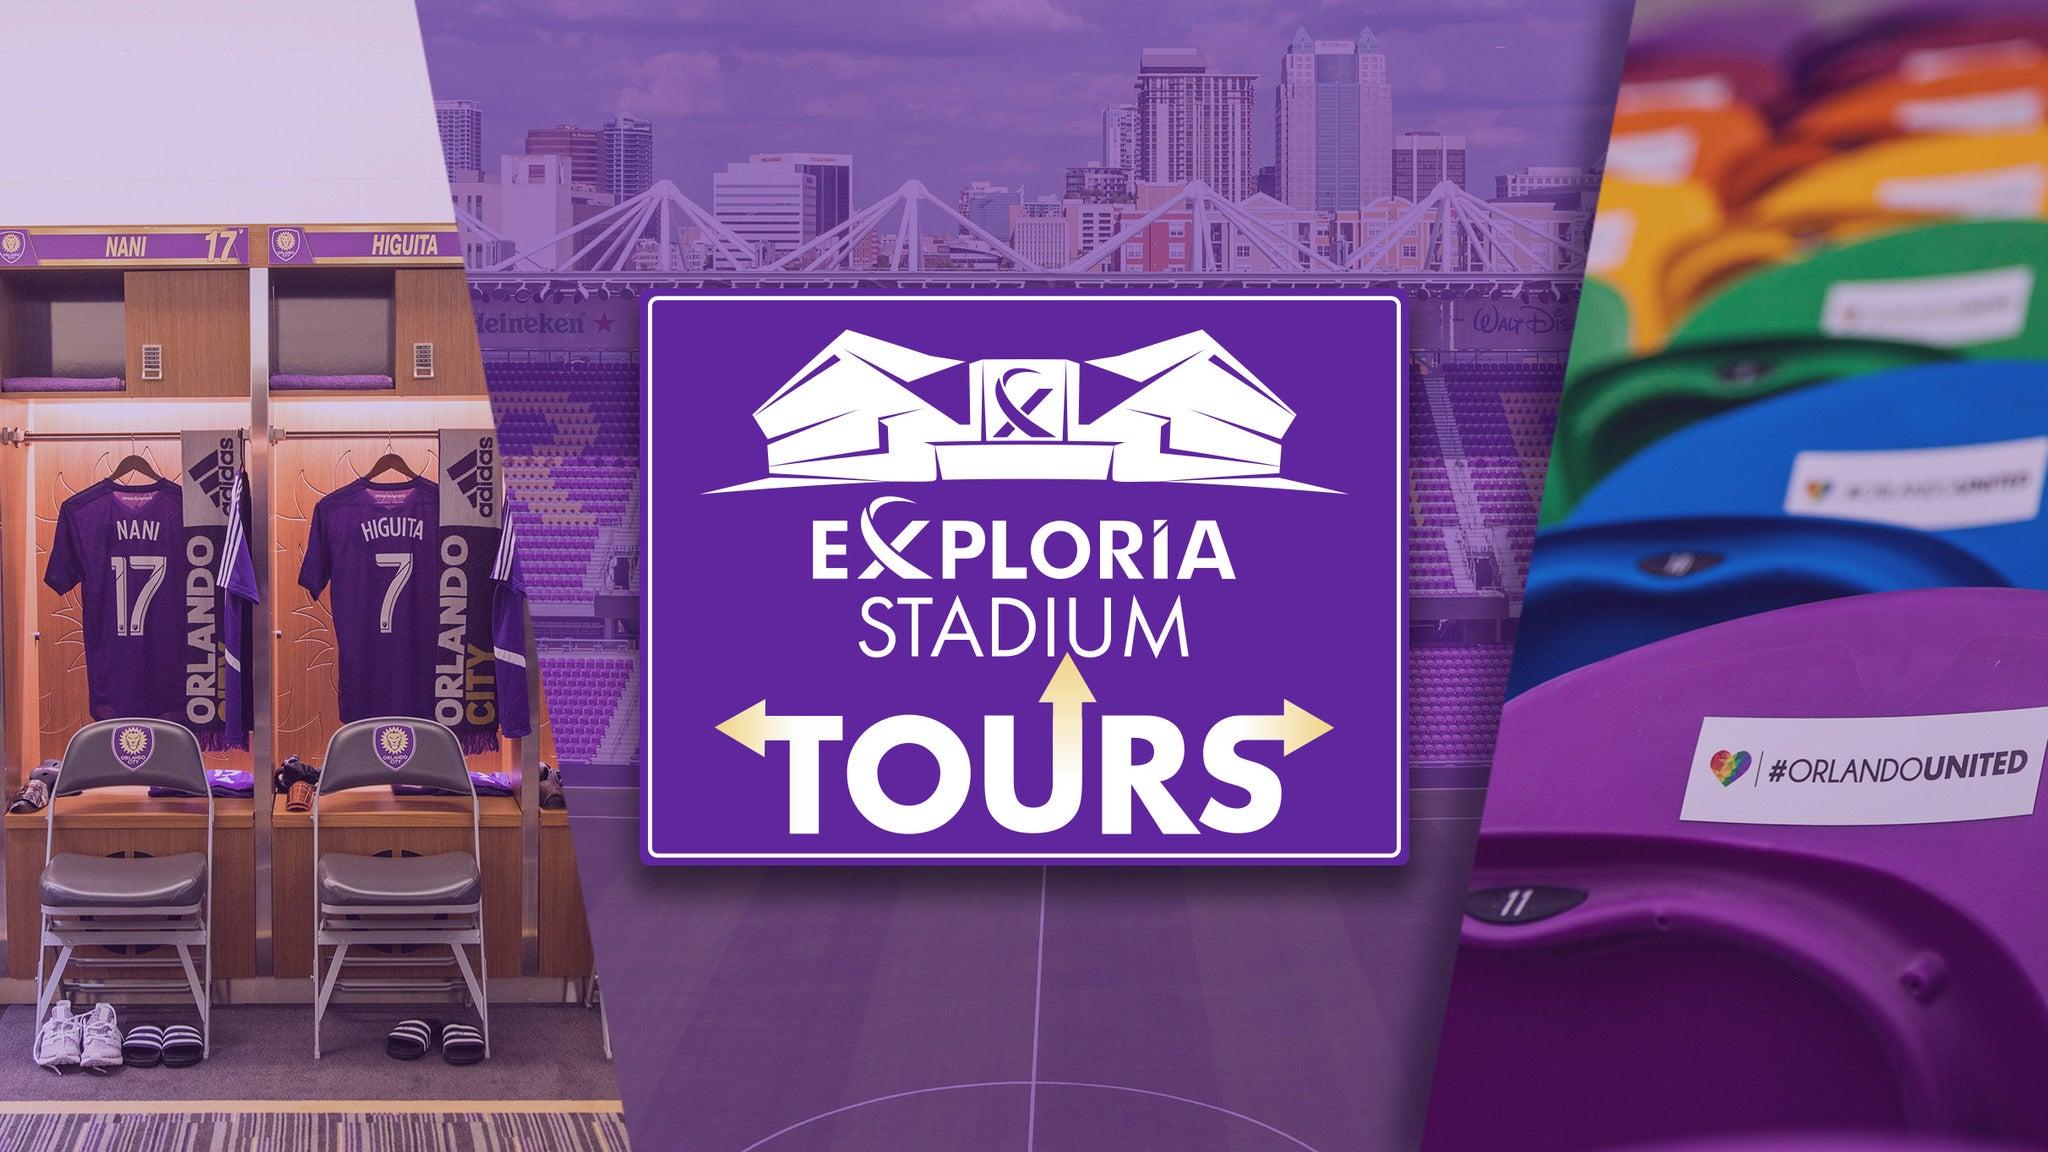 Exploria Stadium Tours